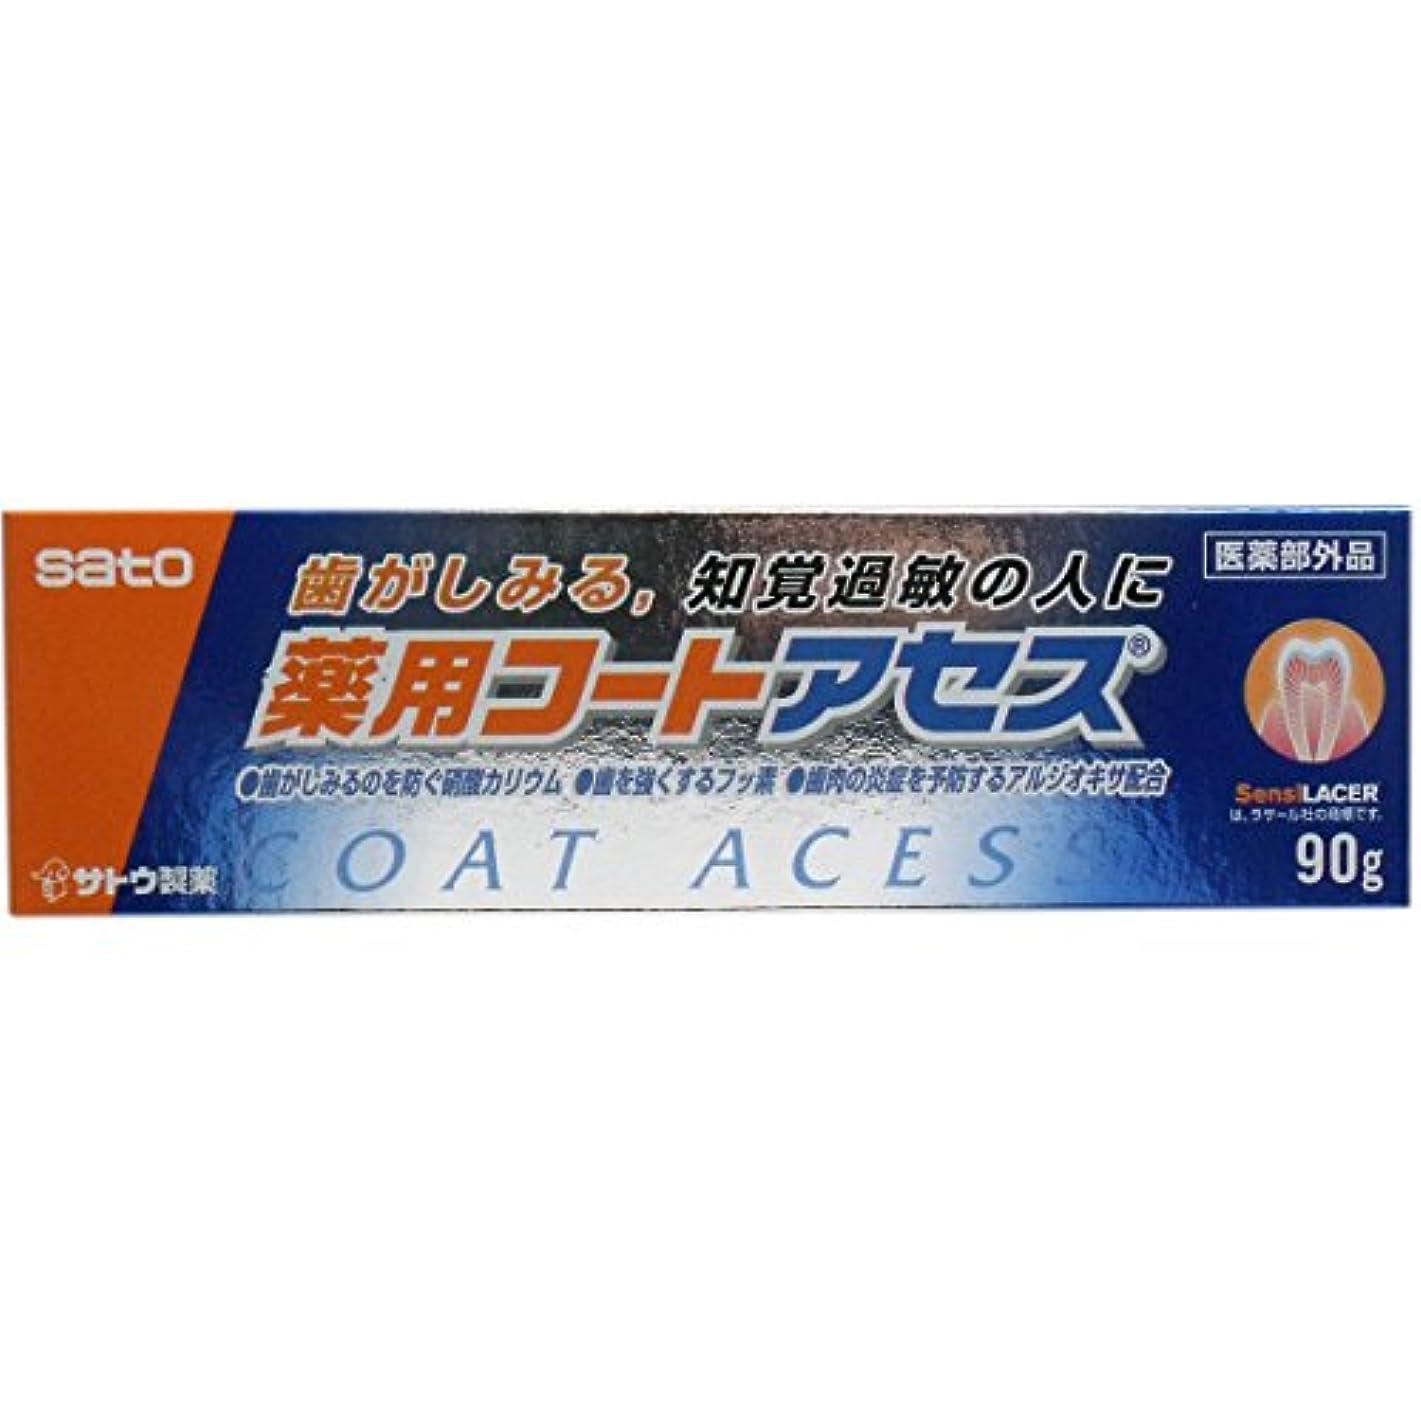 環境に優しいガジュマル最初薬用コートアセス 90g×(10セット)